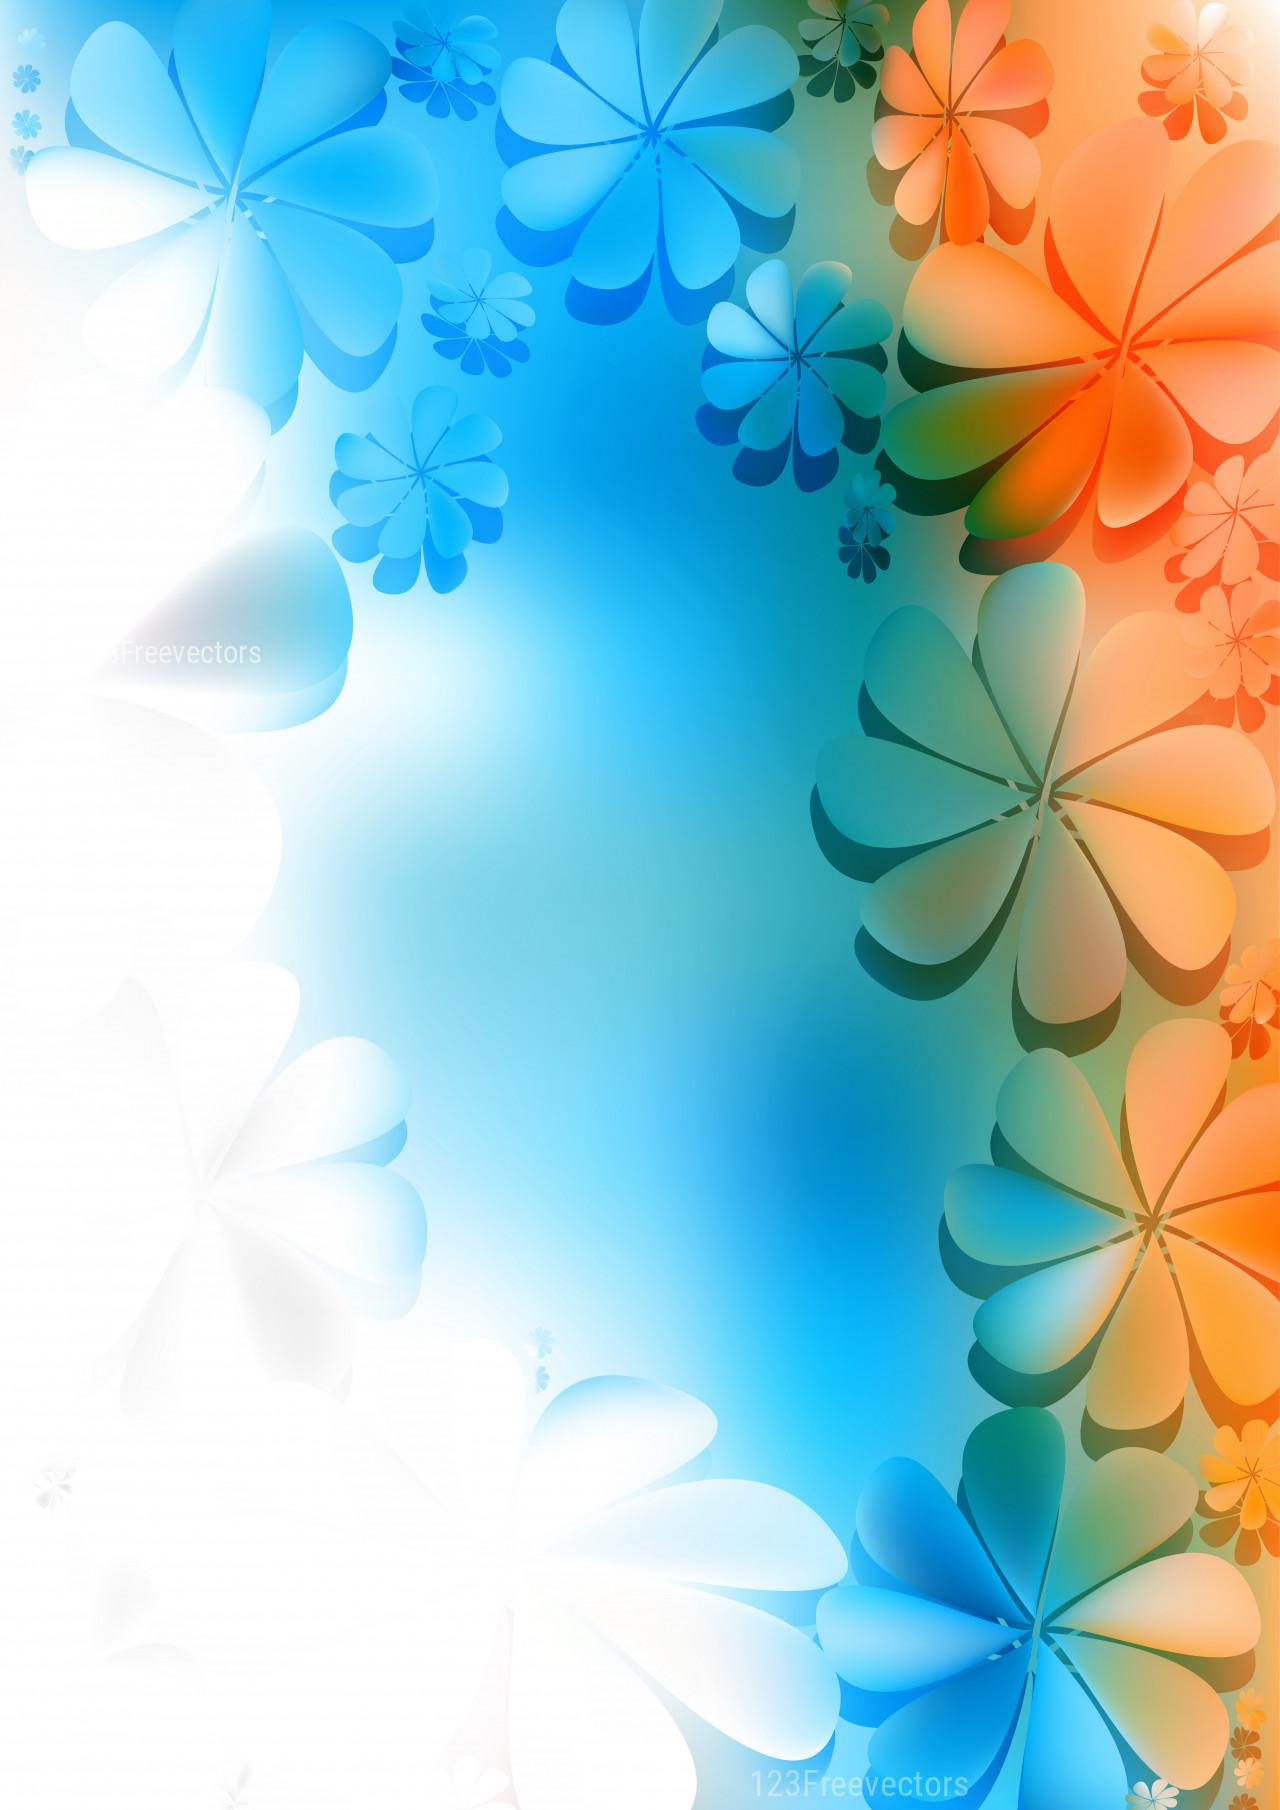 Blue Floral Background 20 Blue Flower Backgrounds 2020 02 14